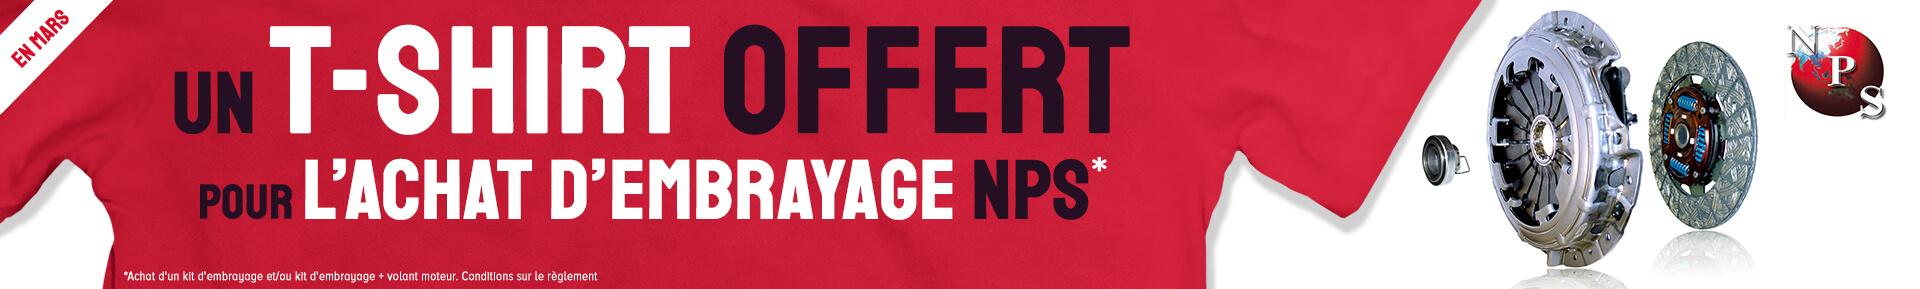 Un T-shirt offert pour l'achat d'un kit d'embrayage NPS *